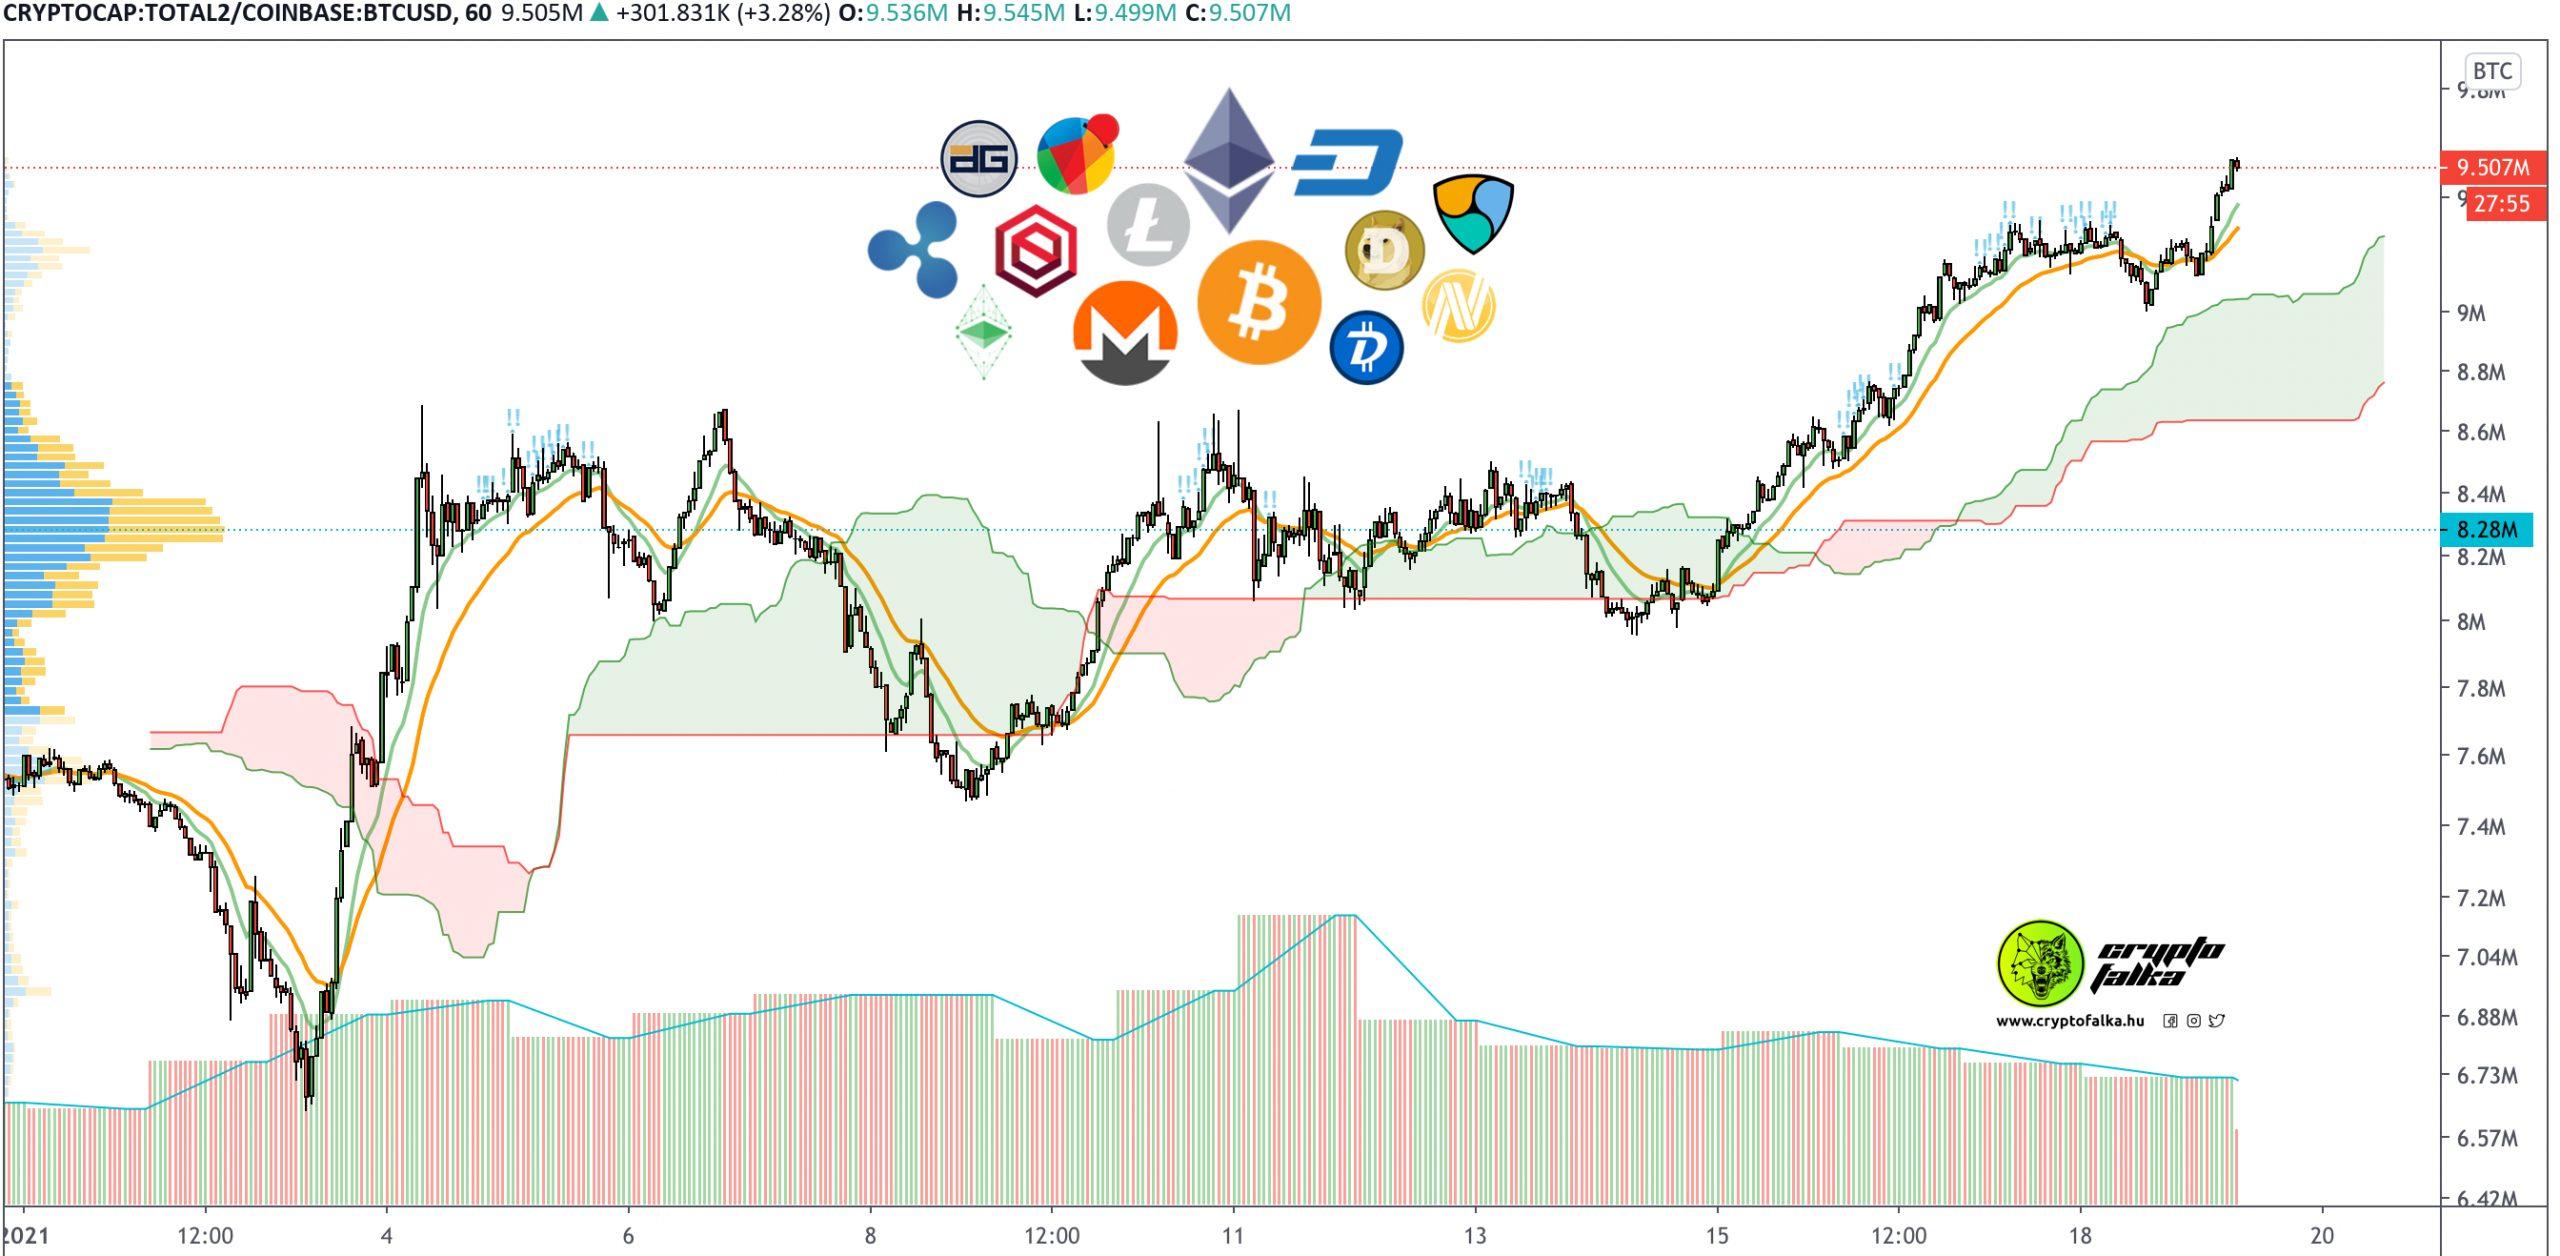 Oldalazó Bitcoin pozitívan hat kriptovalutákra I Cryptofalka